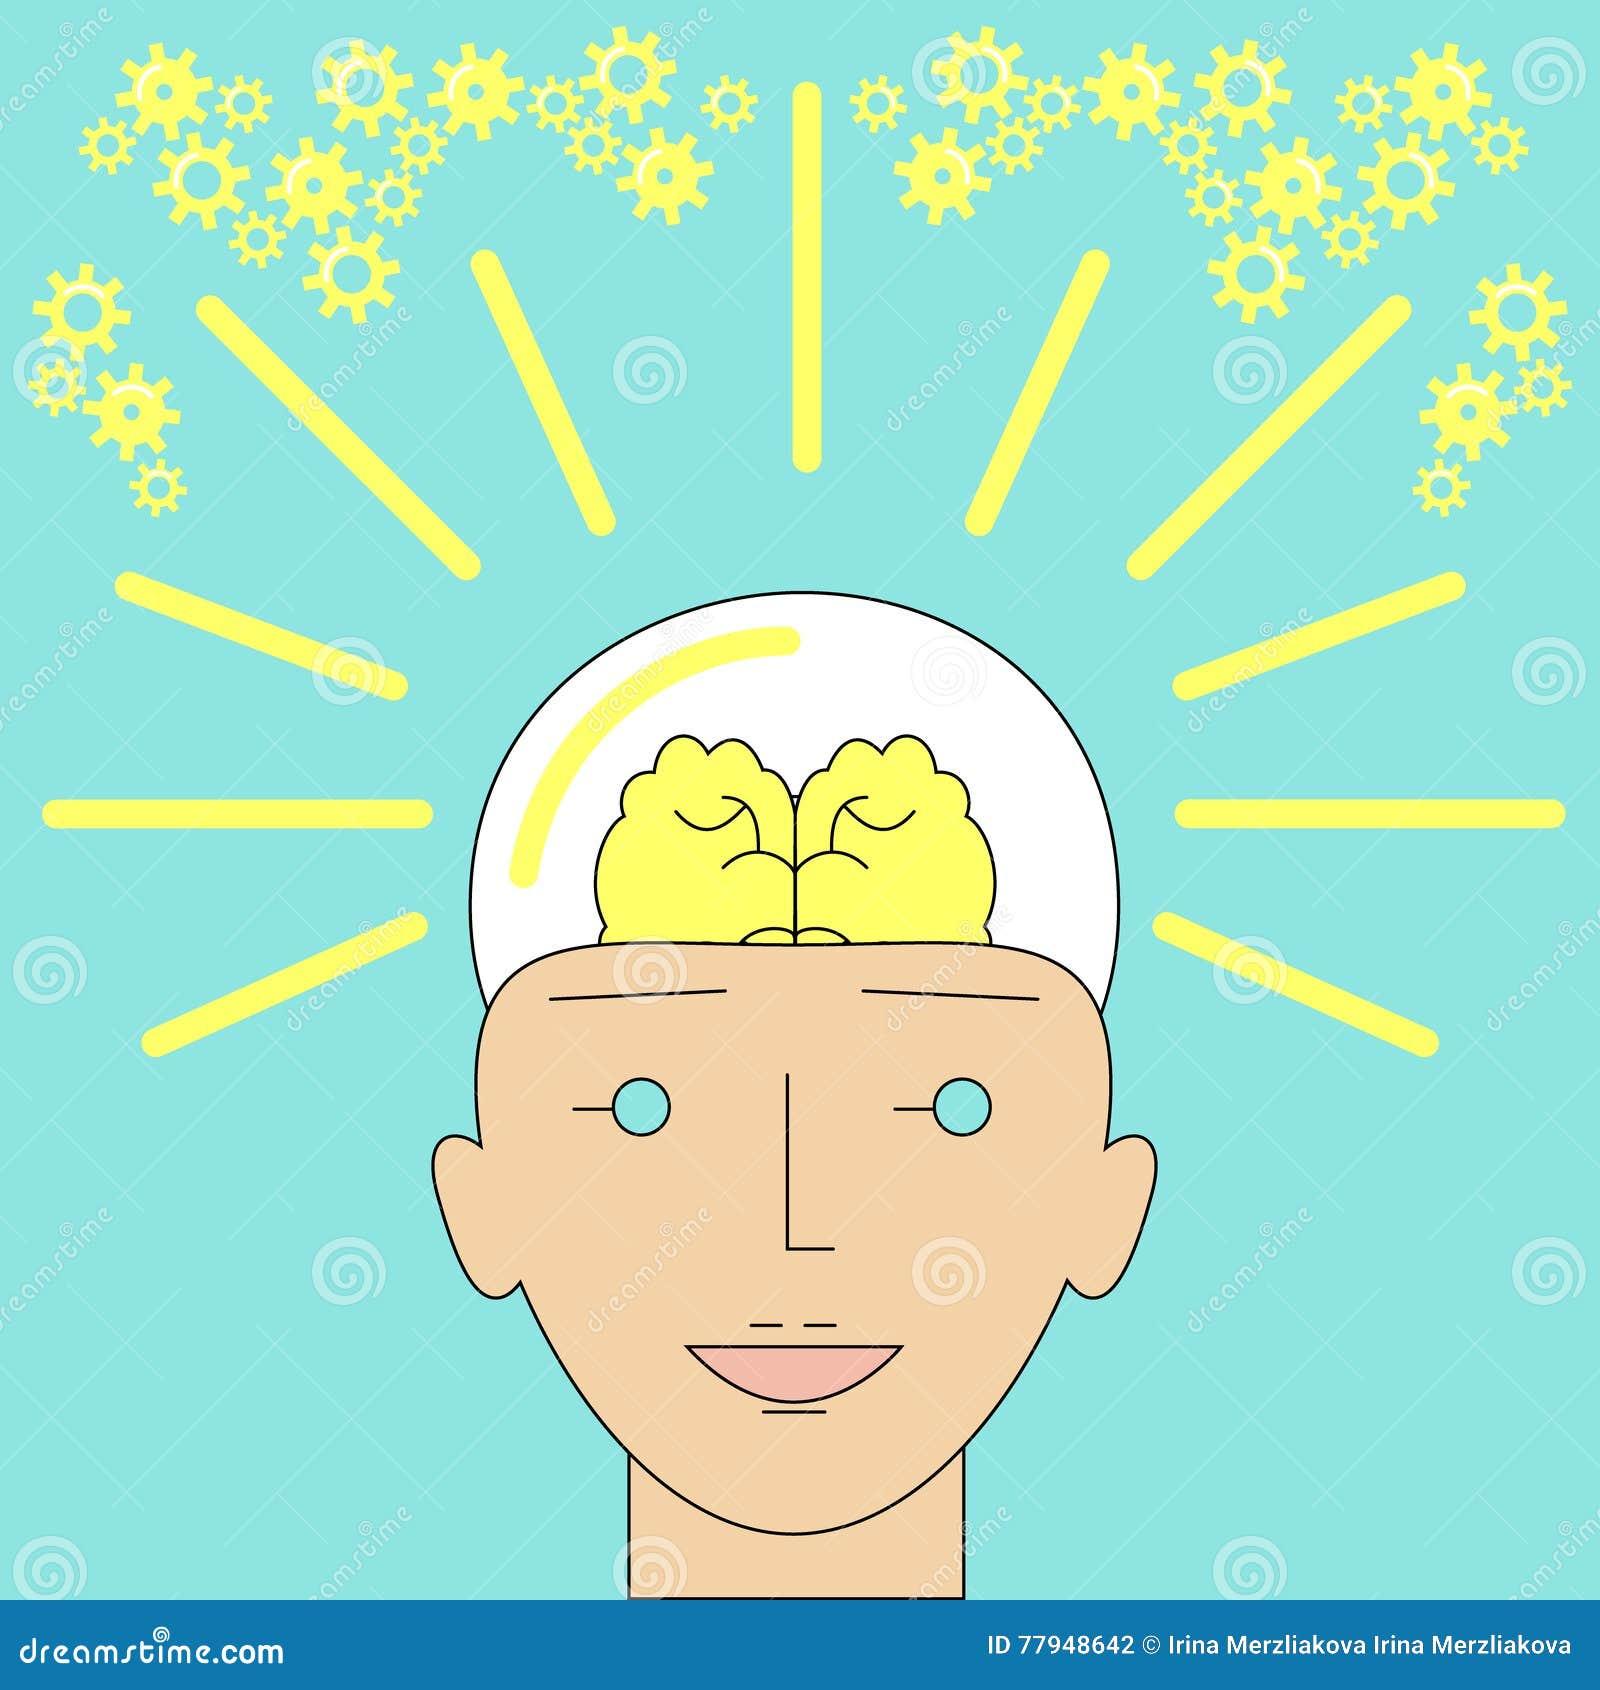 Nuova forma luminosa di idea di testa umana come lampadina creativa me